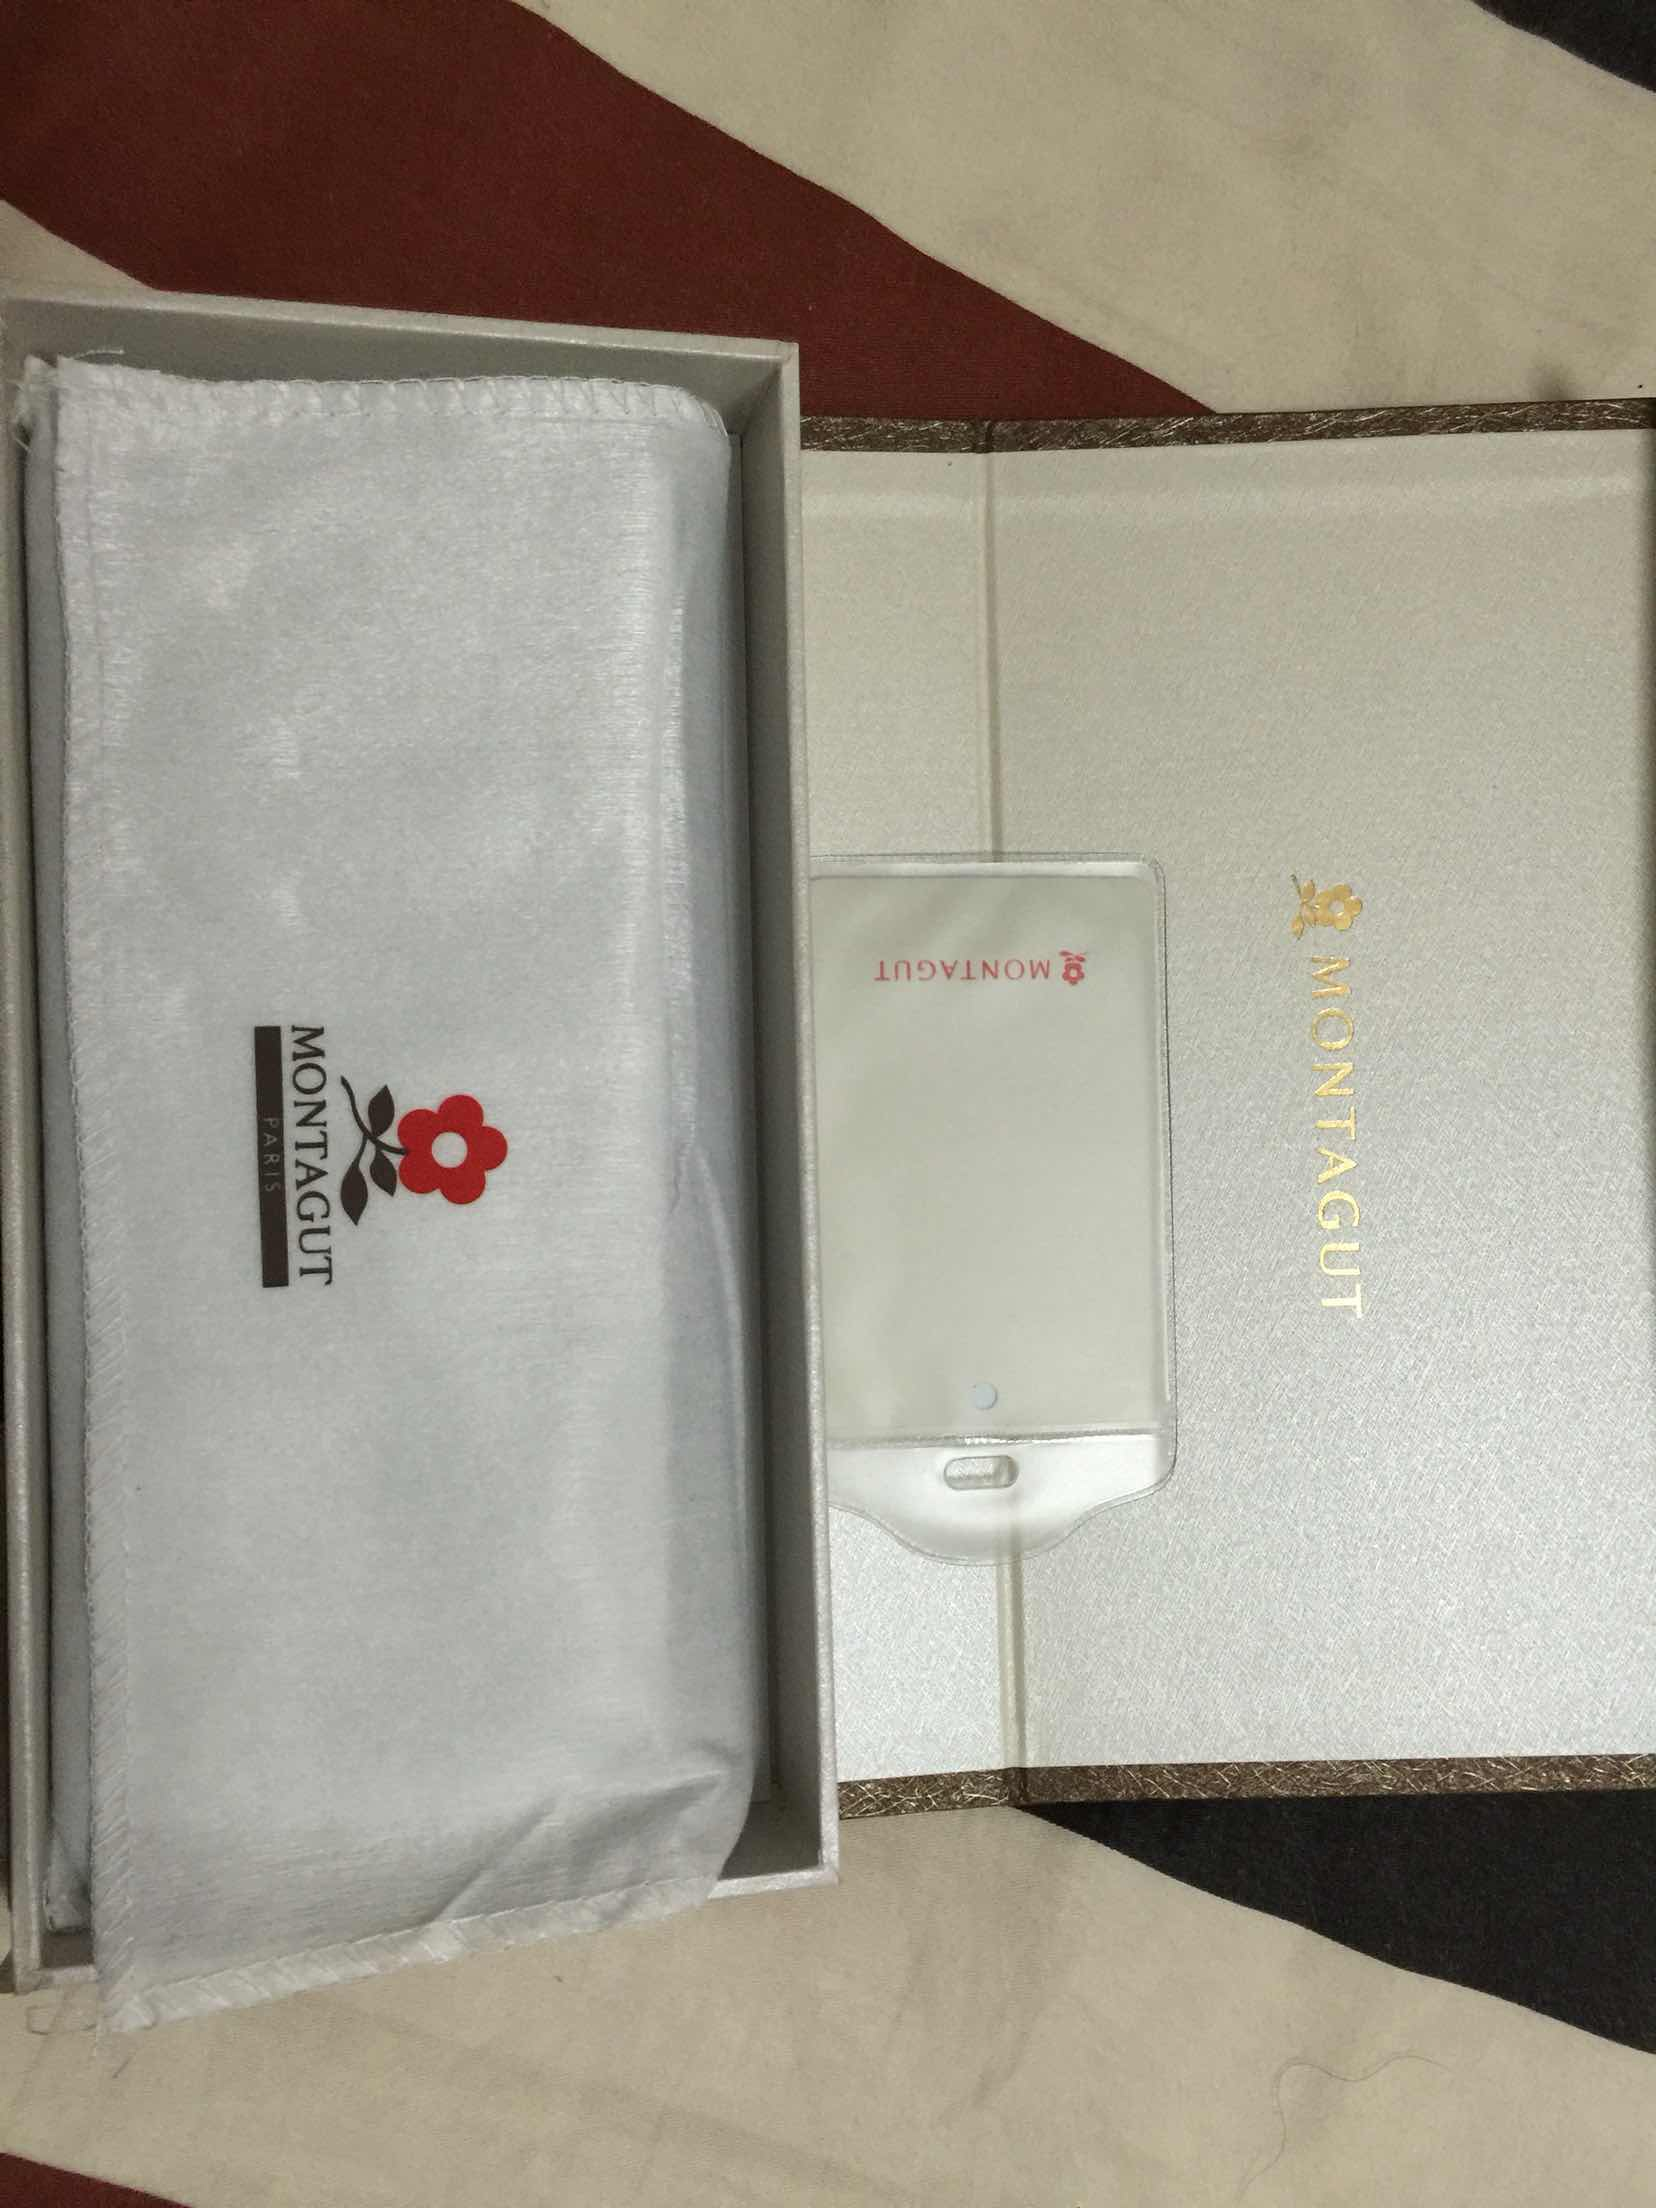 wallet online sale 00117576 mall